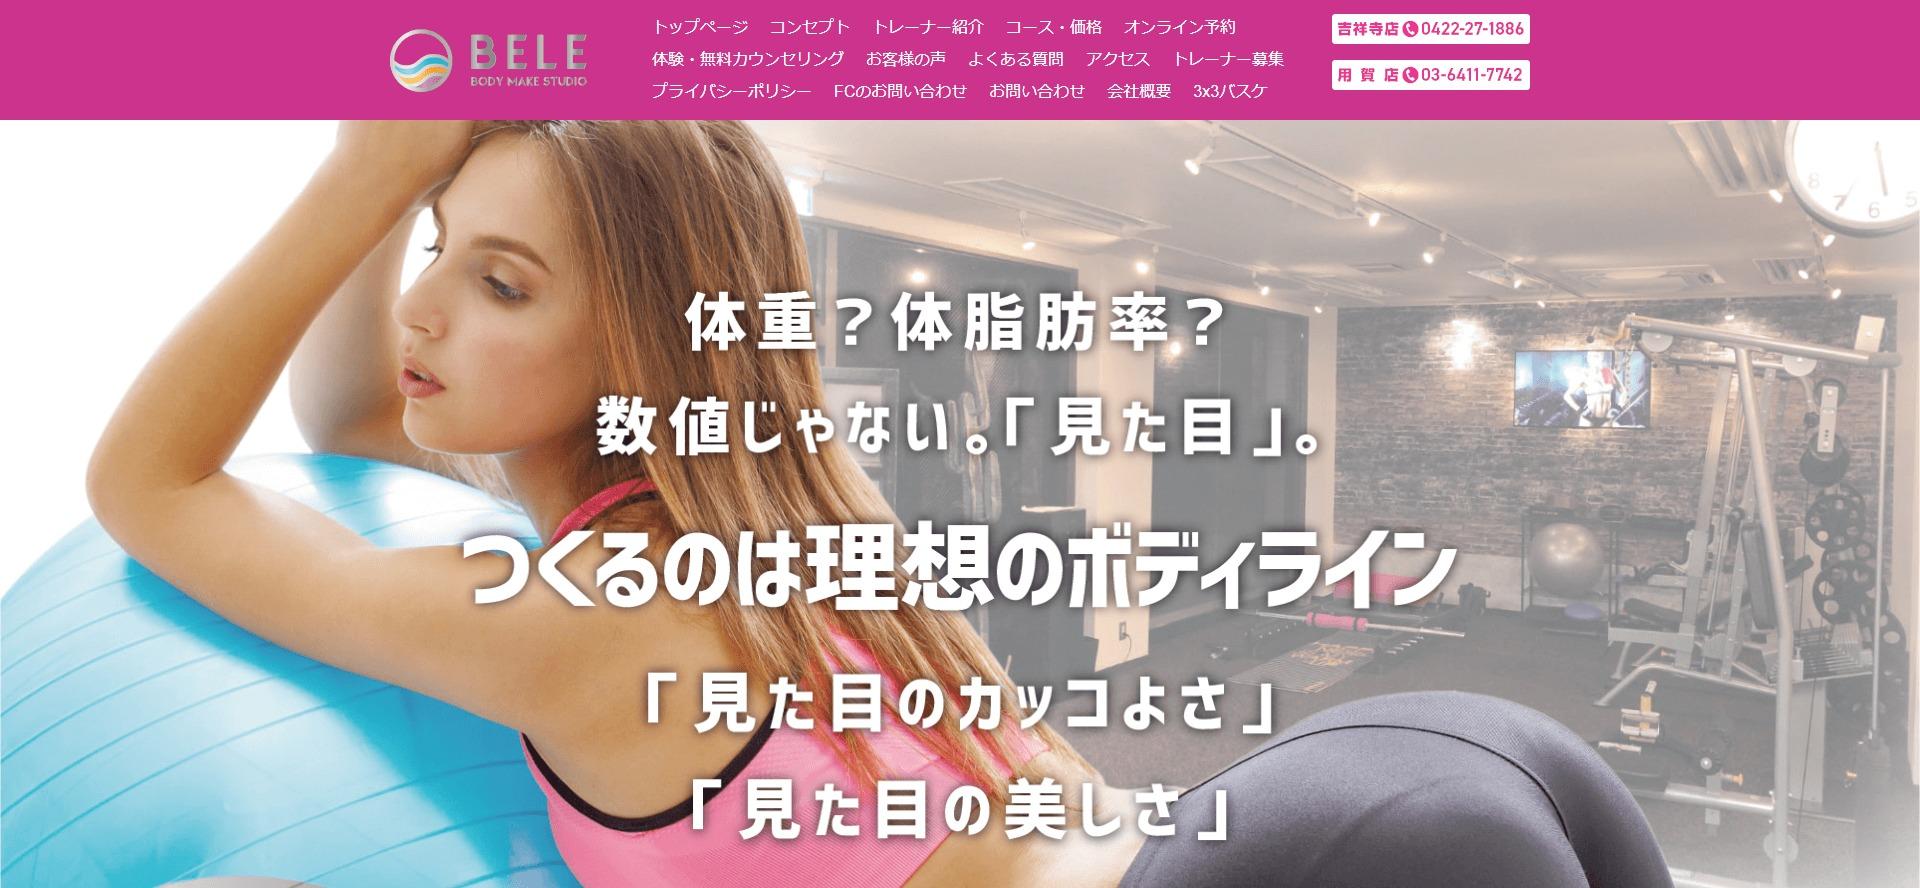 BELE BODYMAKE STUDIO(ベーレ)